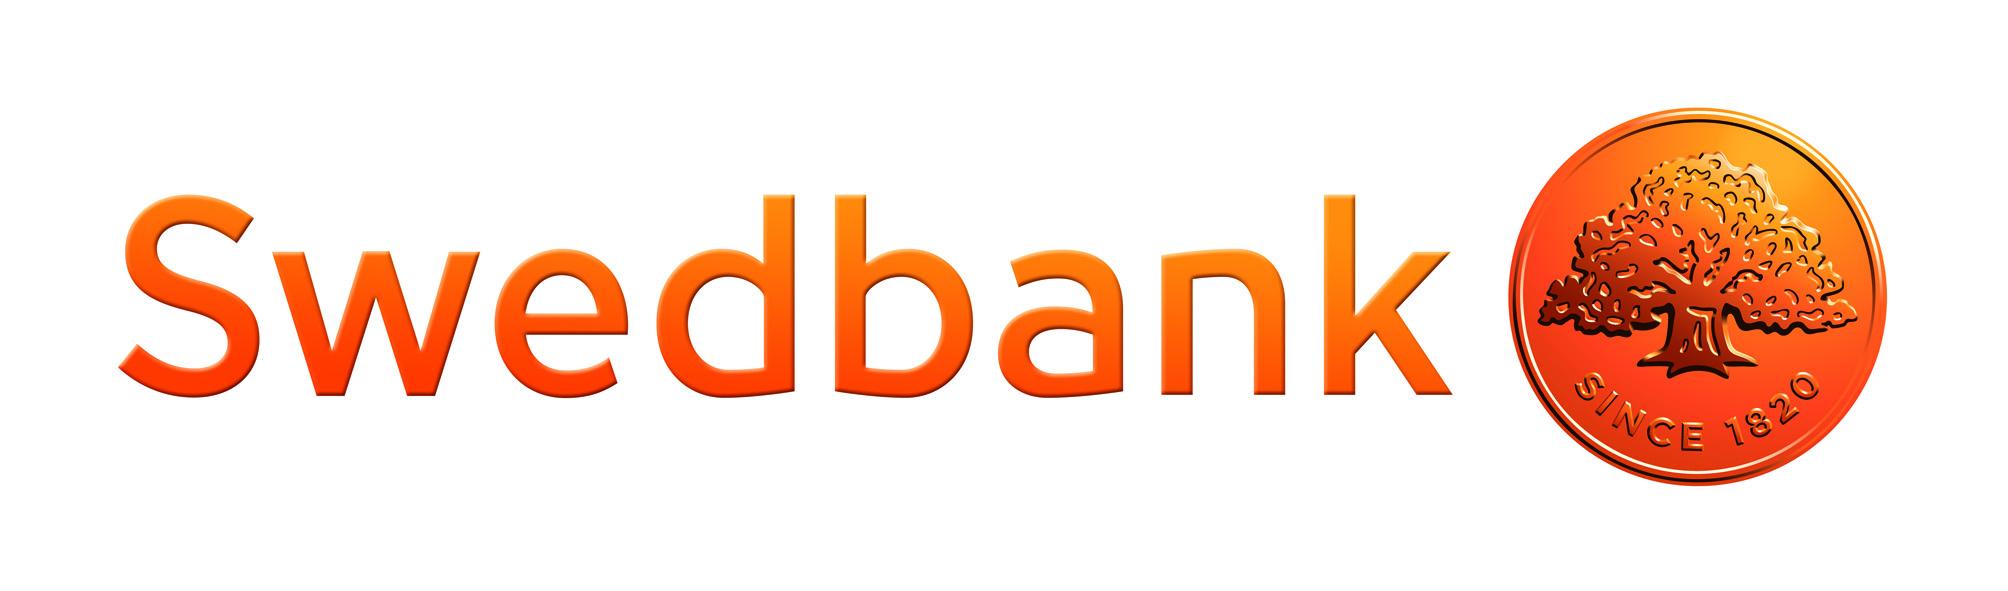 Our history   Swedbank